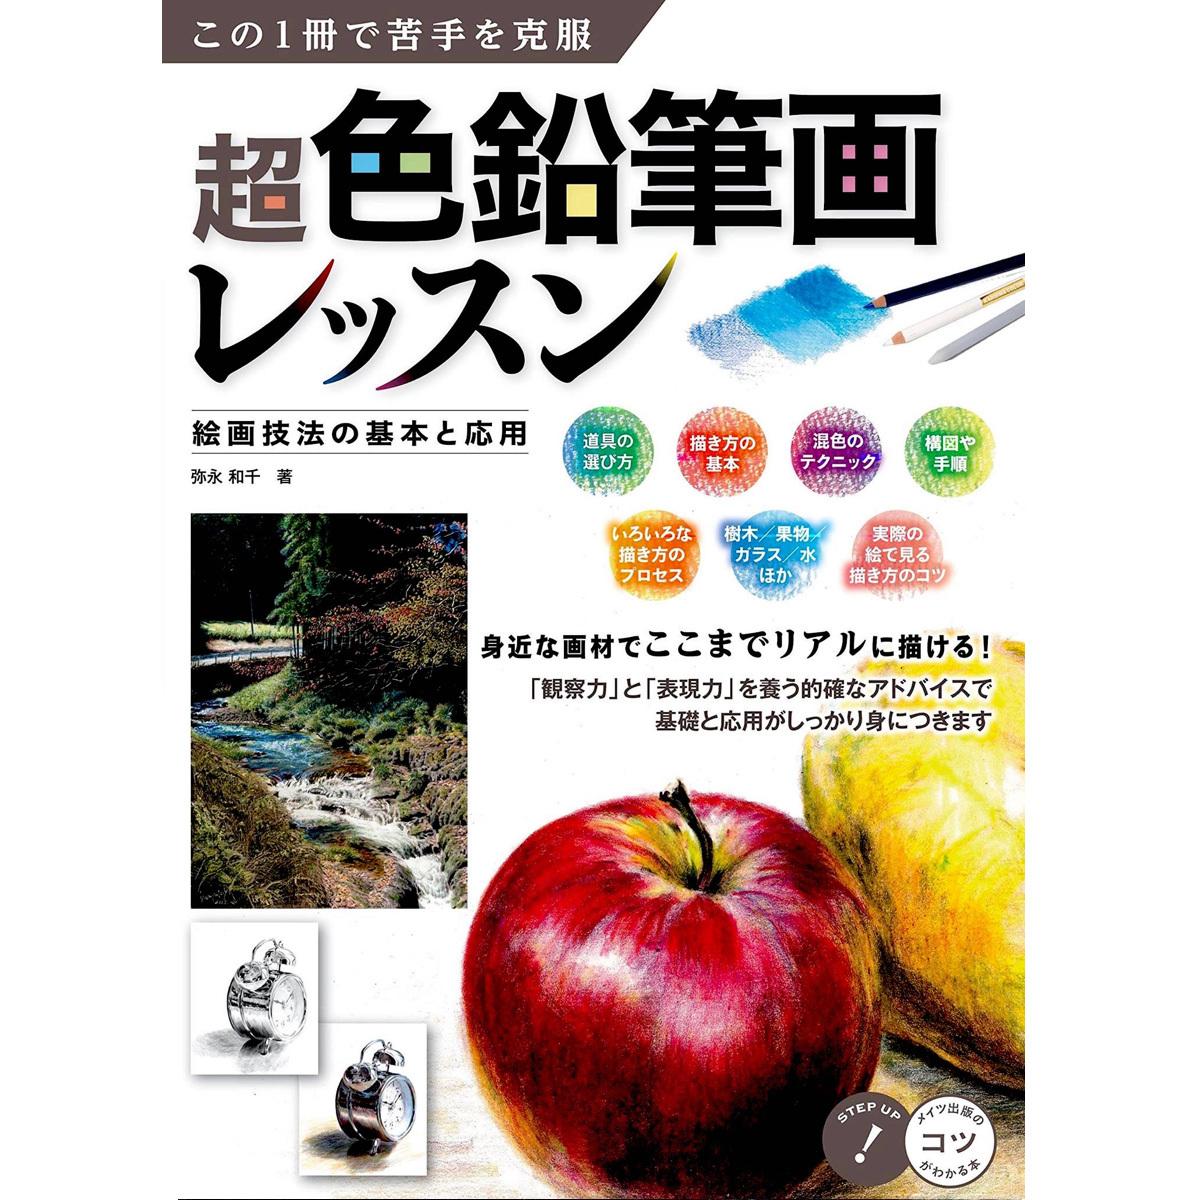 書籍「超色鉛筆画レッスン 絵画技法の基本と応用」